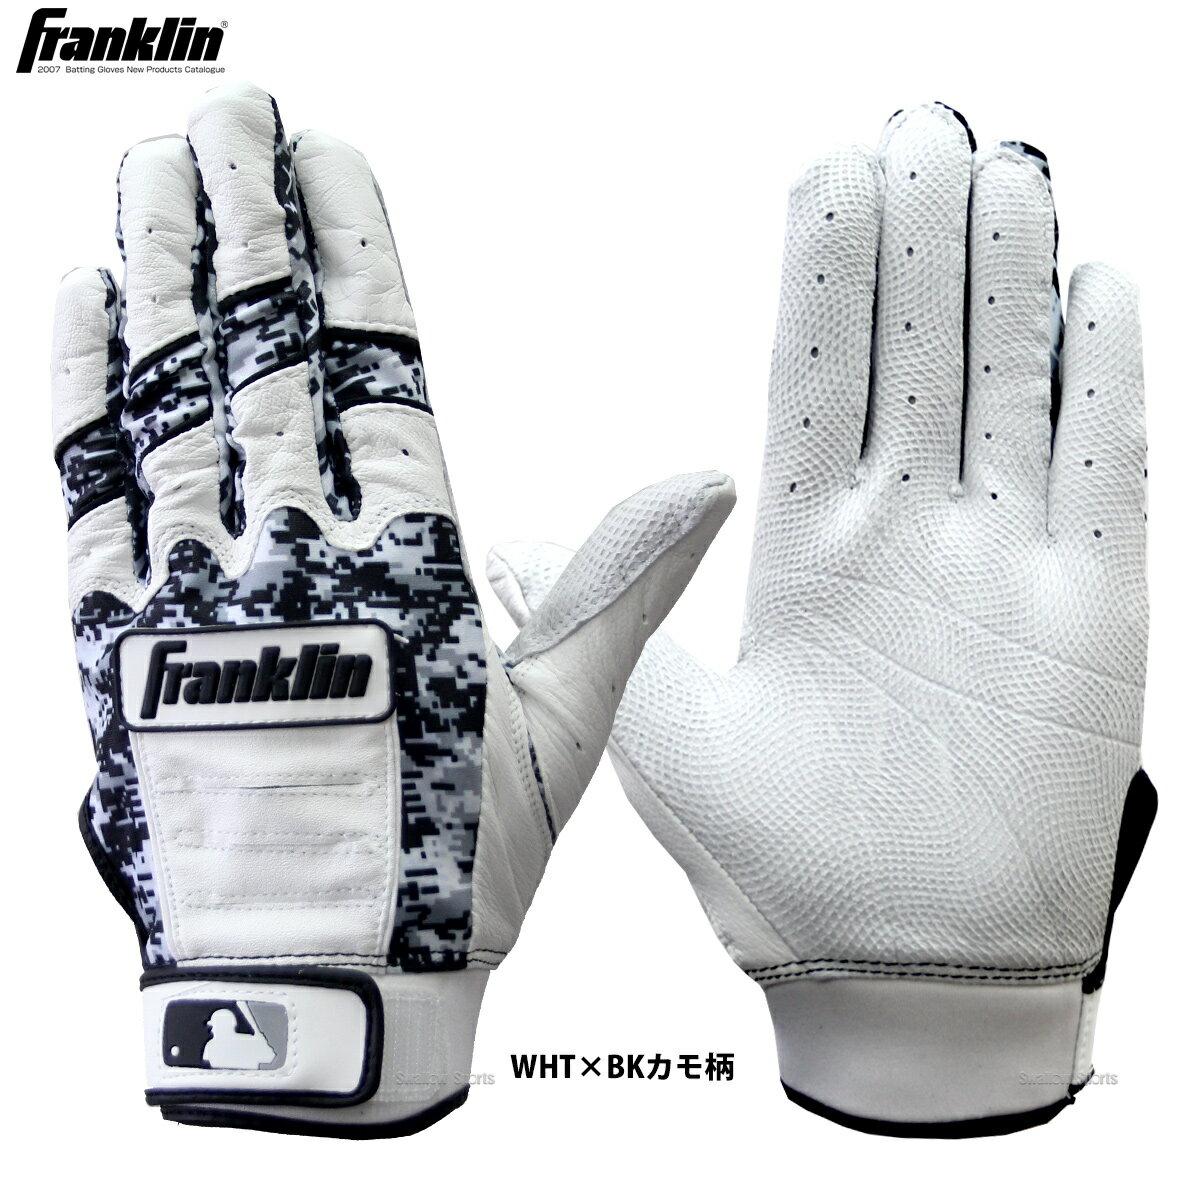 フランクリン バッティンググローブ CFXモデル 両手用 20637 手袋 バッティンググローブ 手袋 野球用品 スワロースポーツ